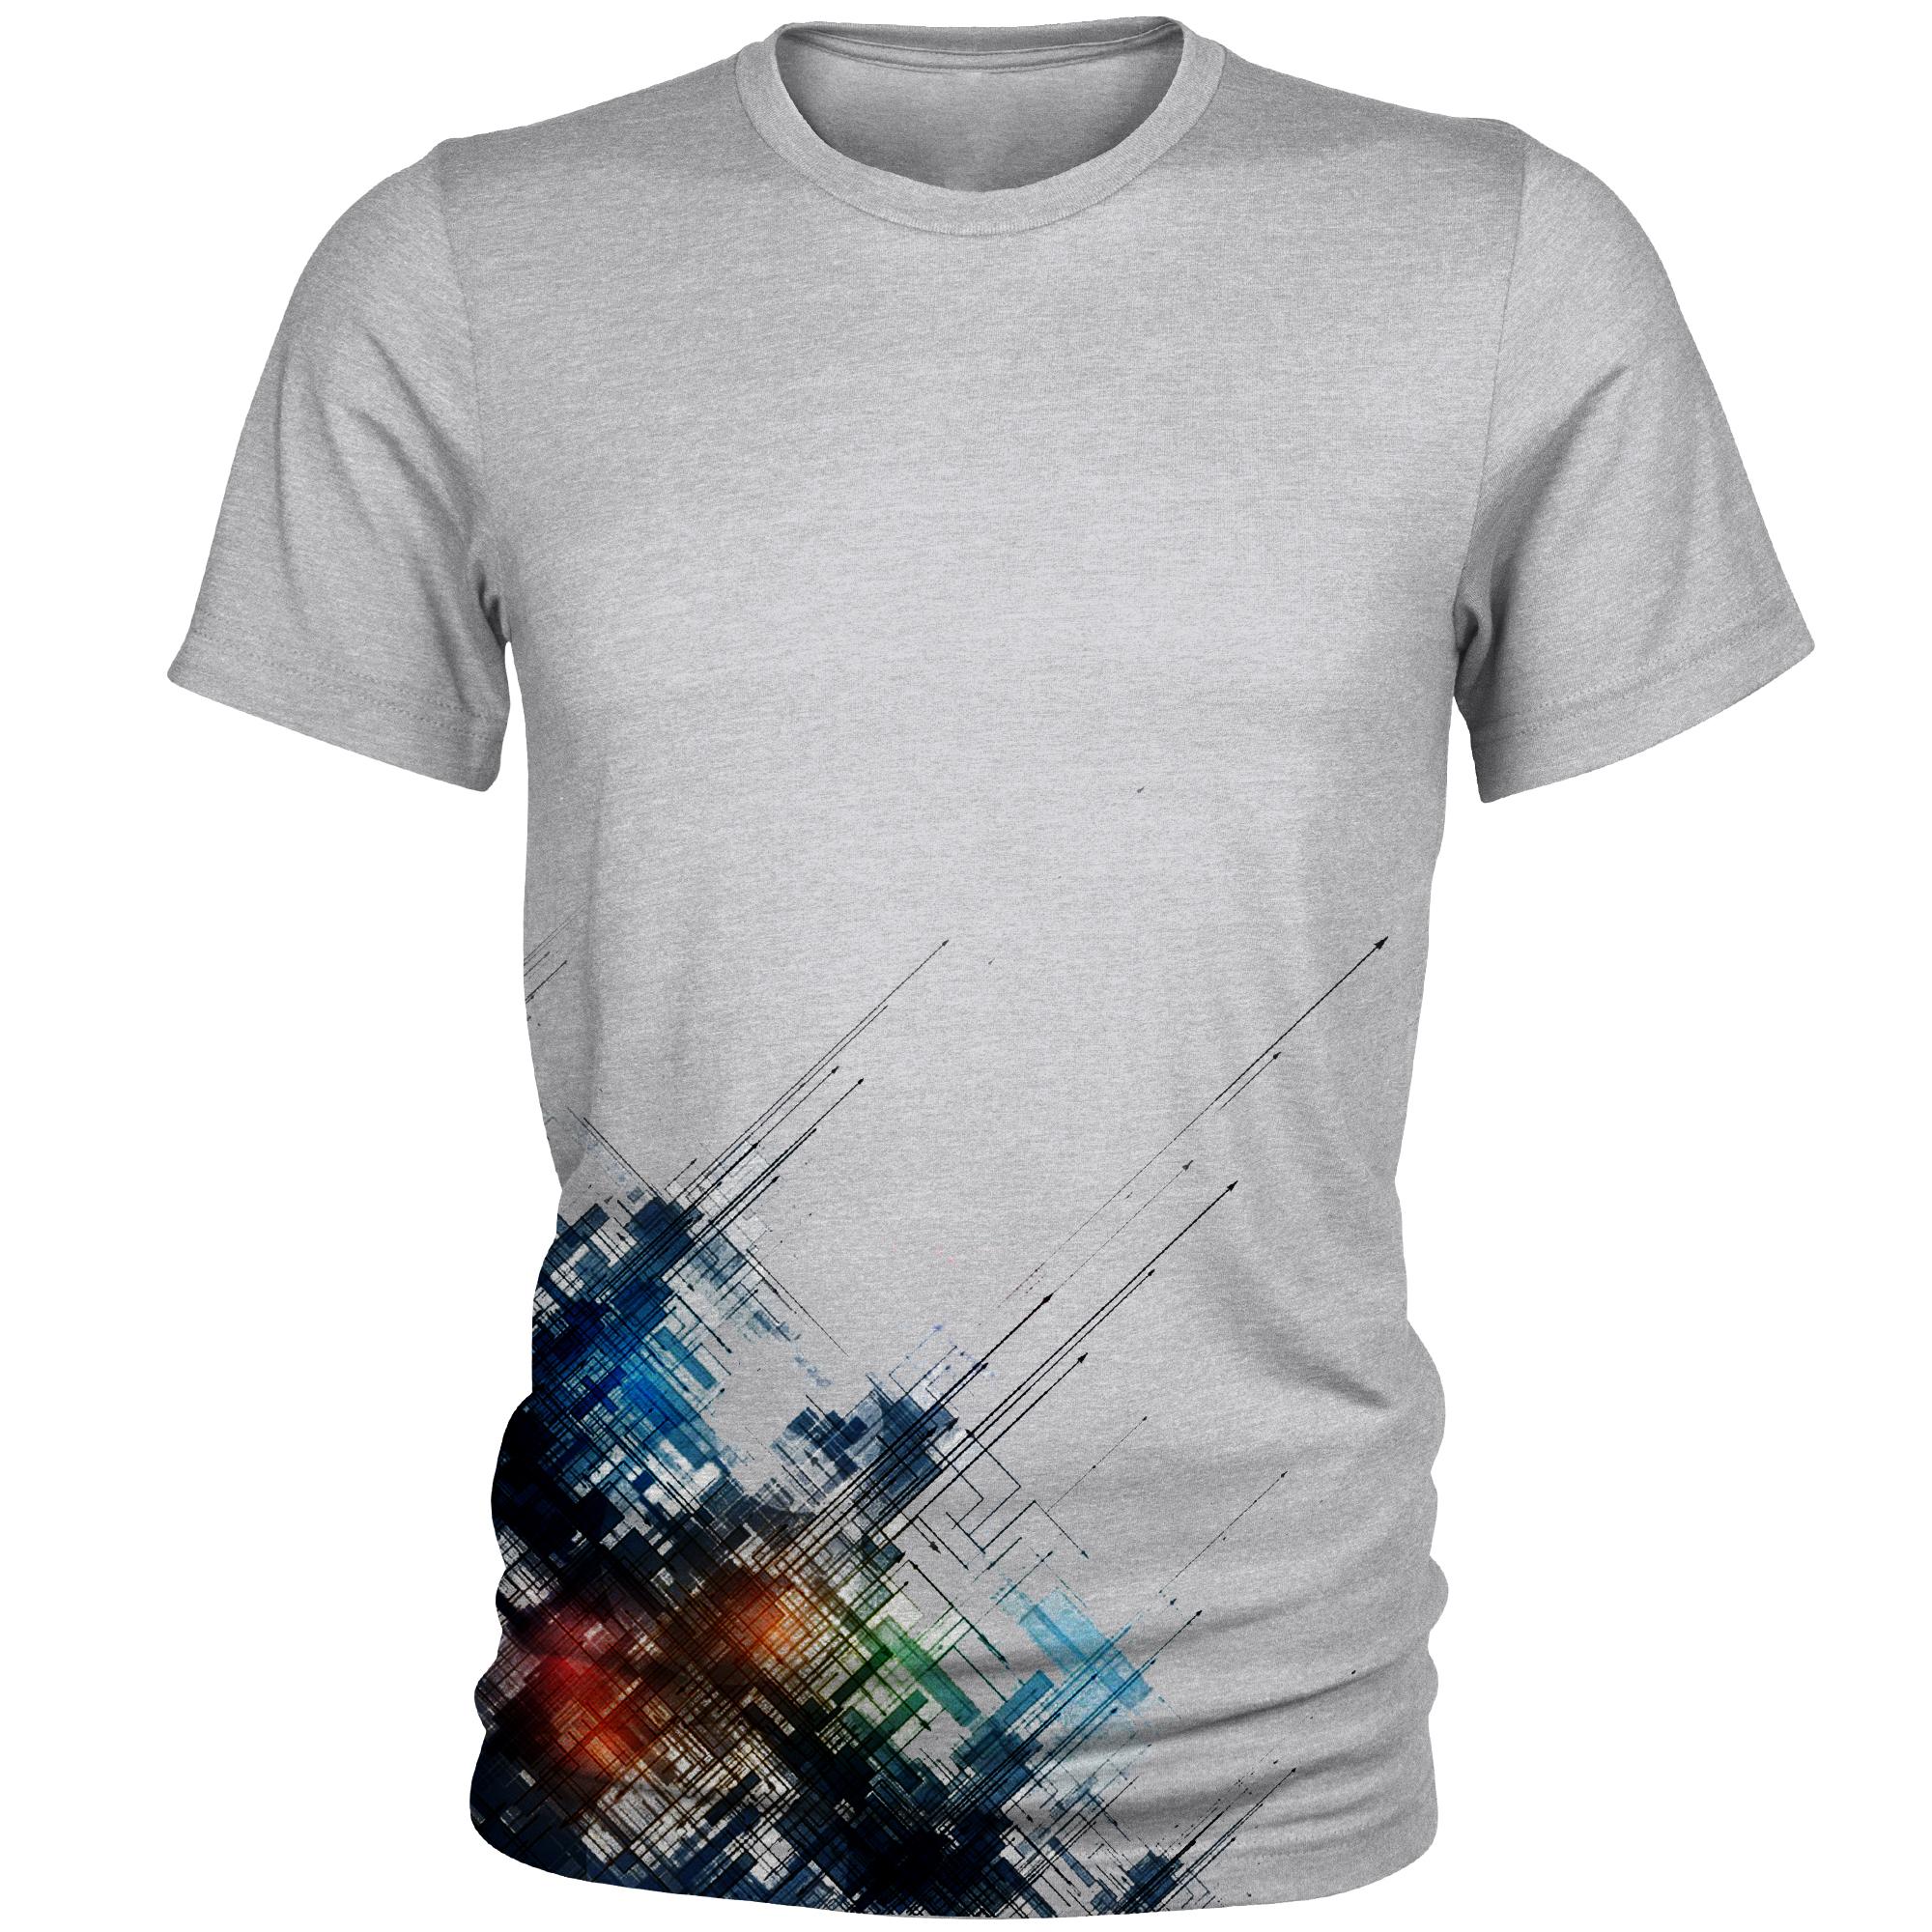 تی شرت مردانه طرح انتزاعی کد A055